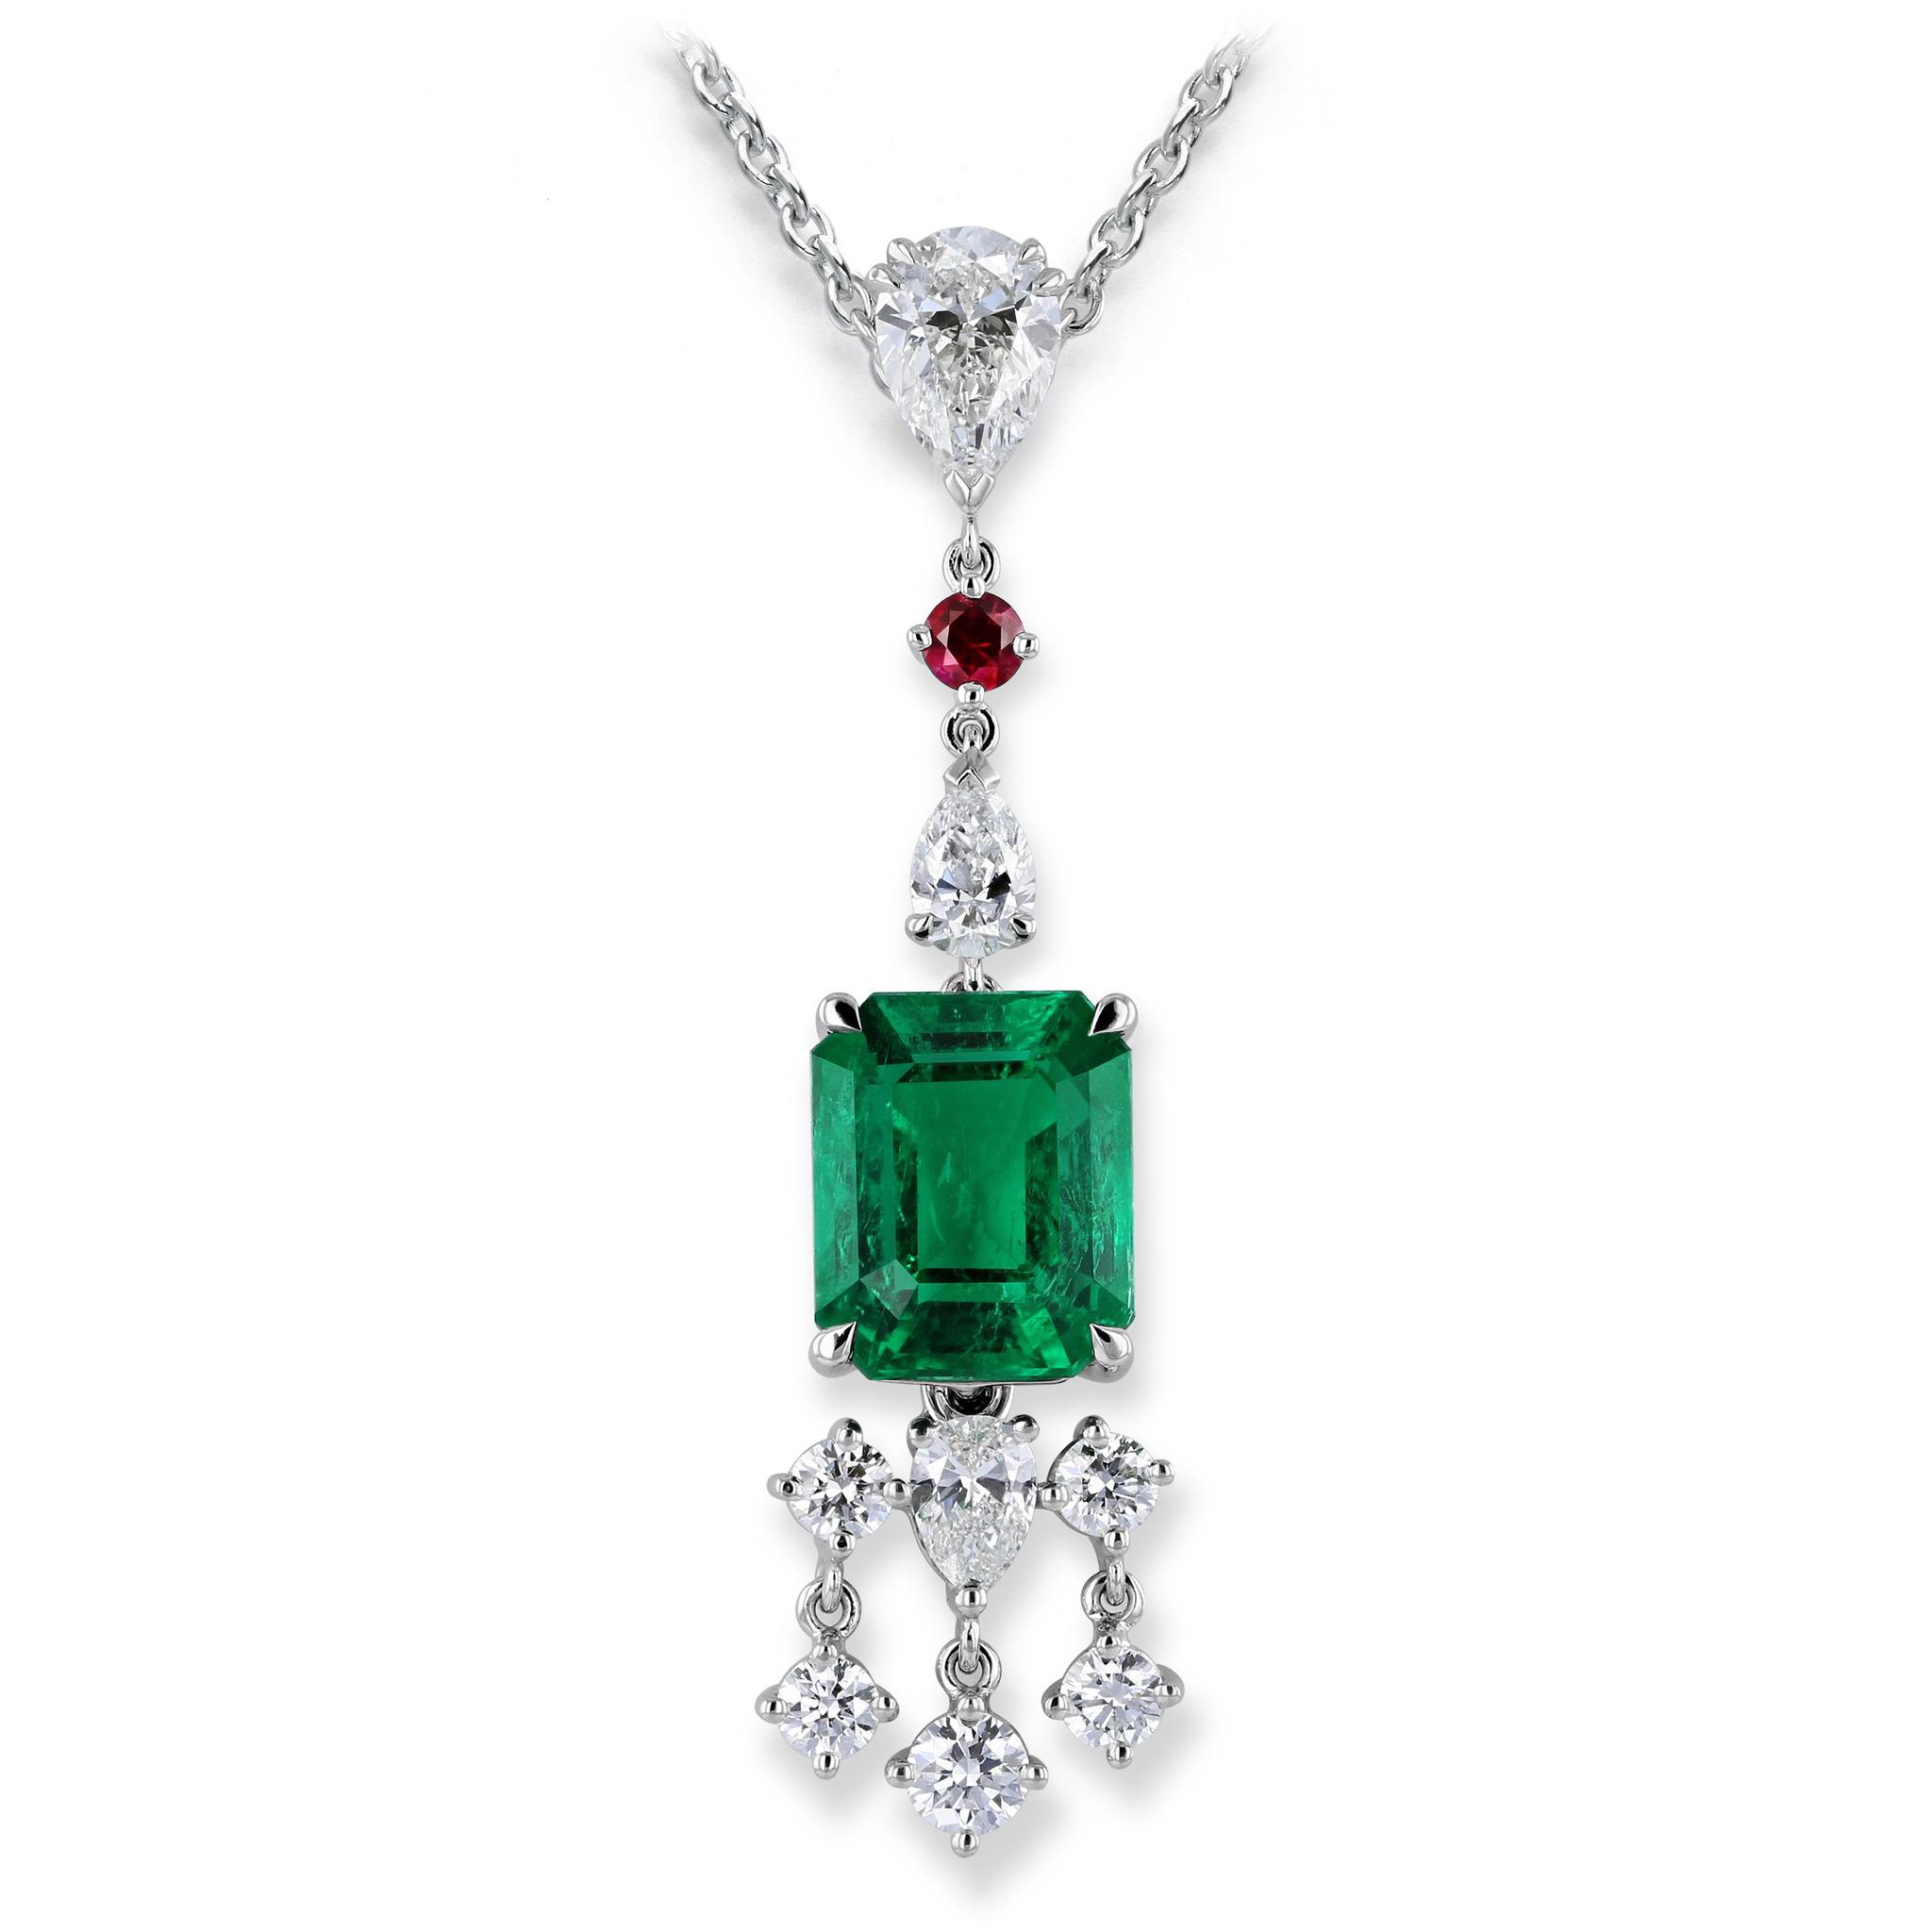 Collier mit Smaragd